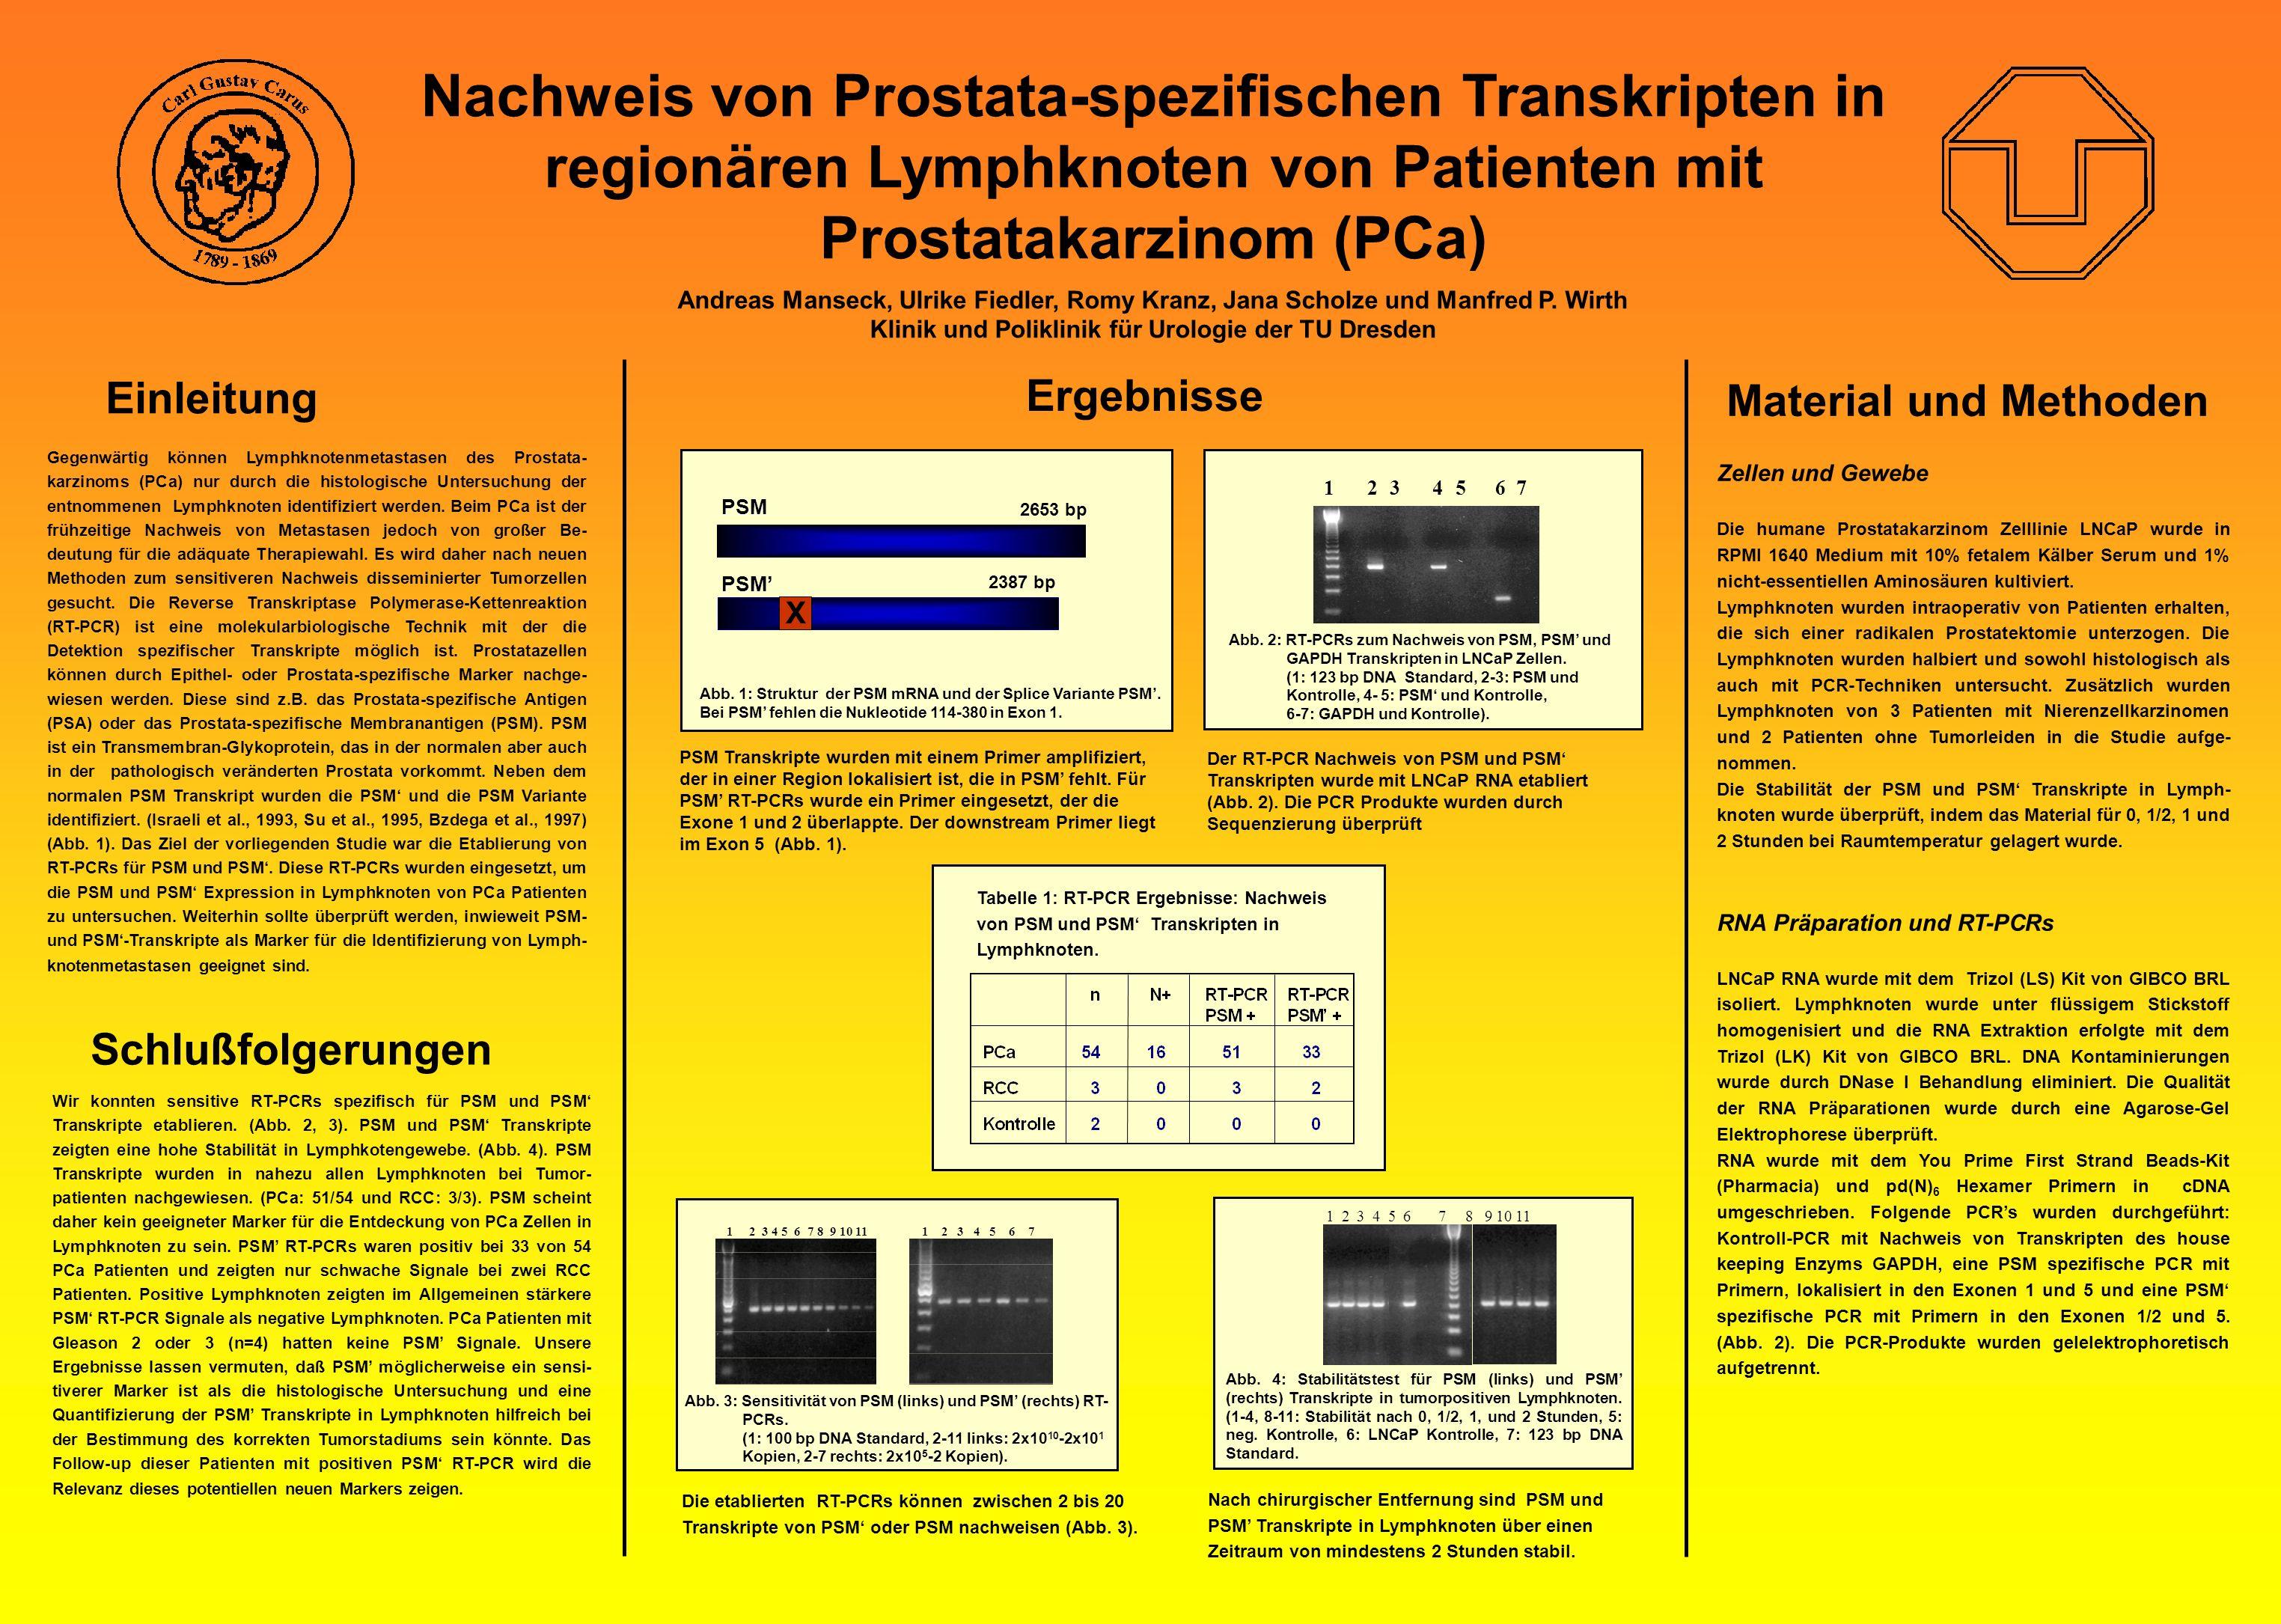 Klinik und Poliklinik für Urologie der TU Dresden